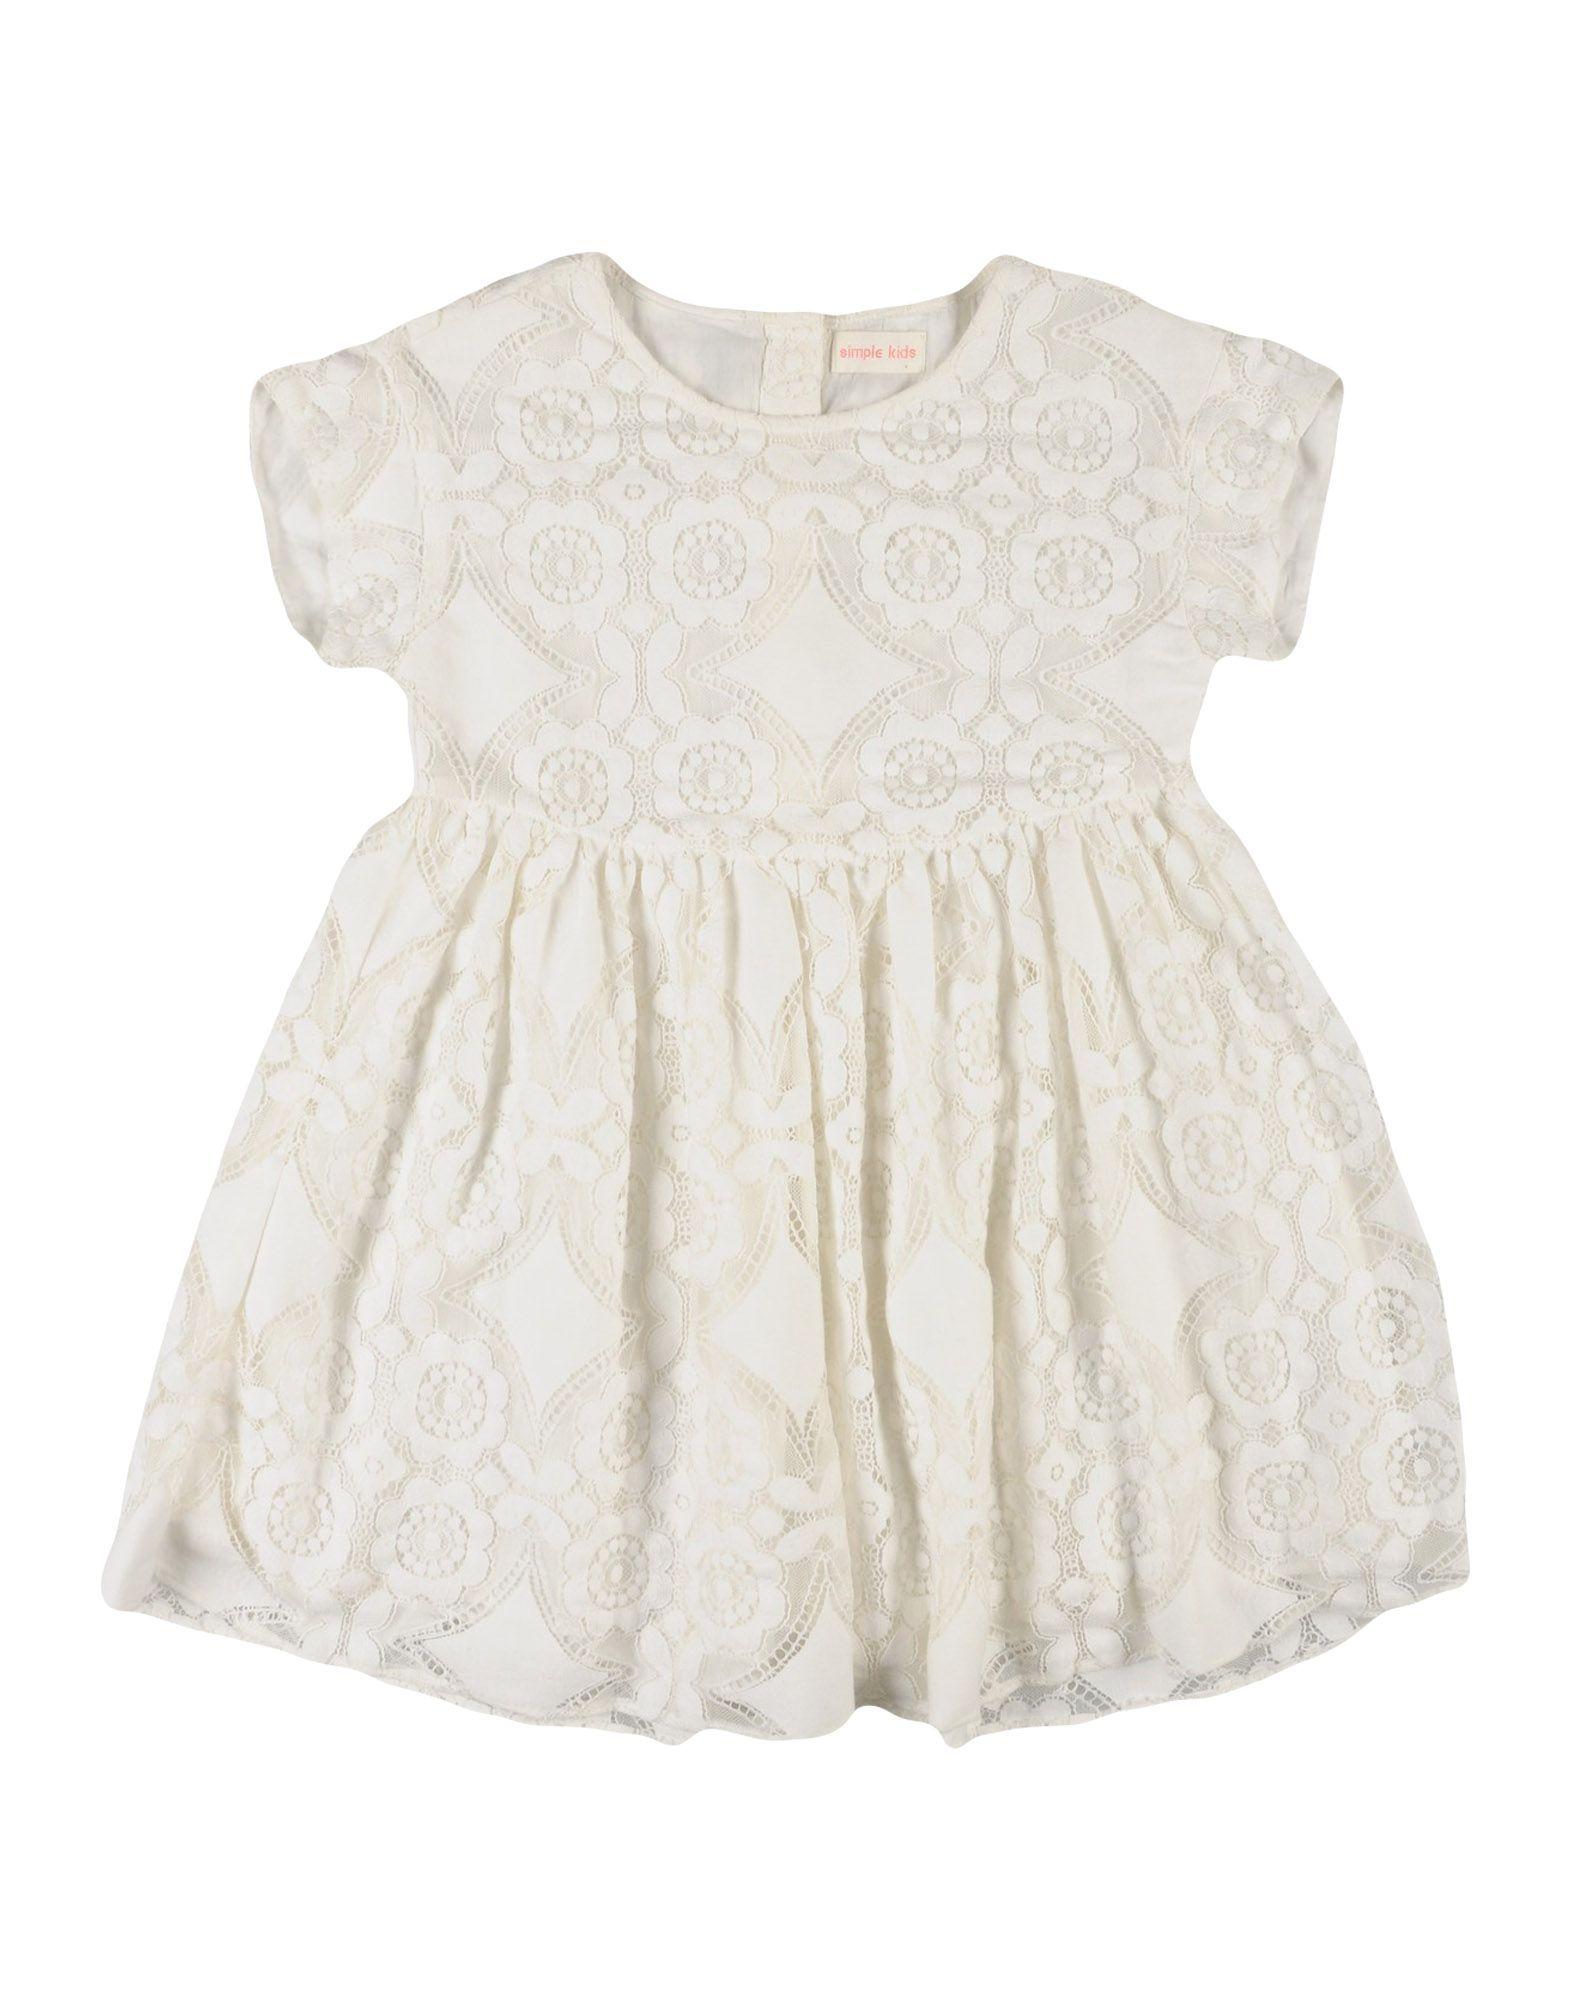 《送料無料》SIMPLE KIDS ガールズ 3-8 歳 ワンピース&ドレス アイボリー 8 コットン 72% / ナイロン 28%